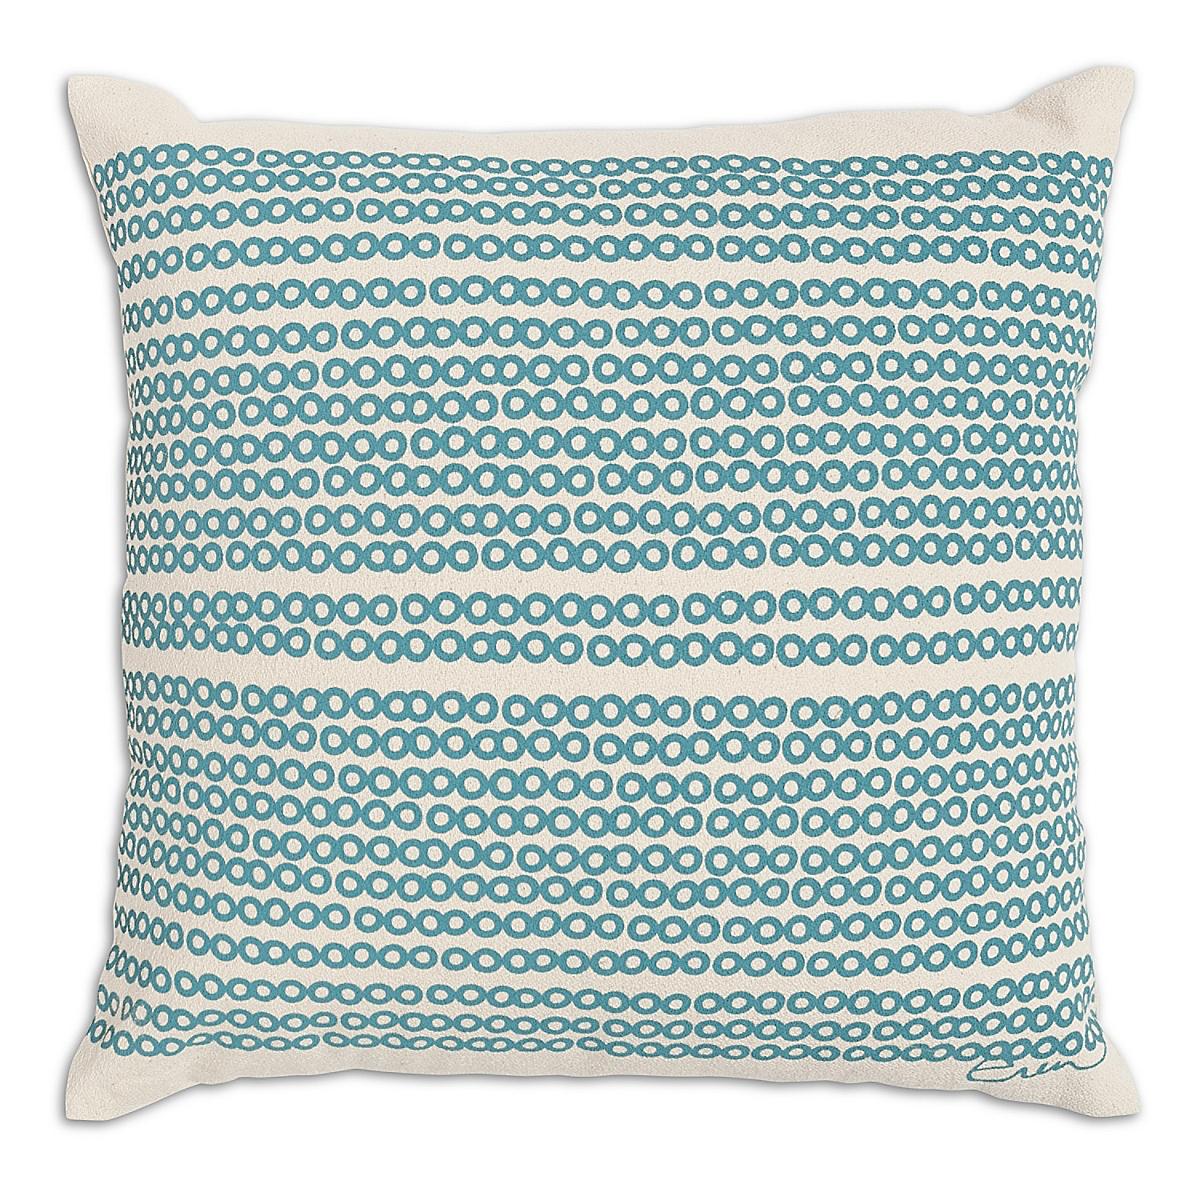 """20"""" x 20"""" - Decco Dots Pillow: Surf"""